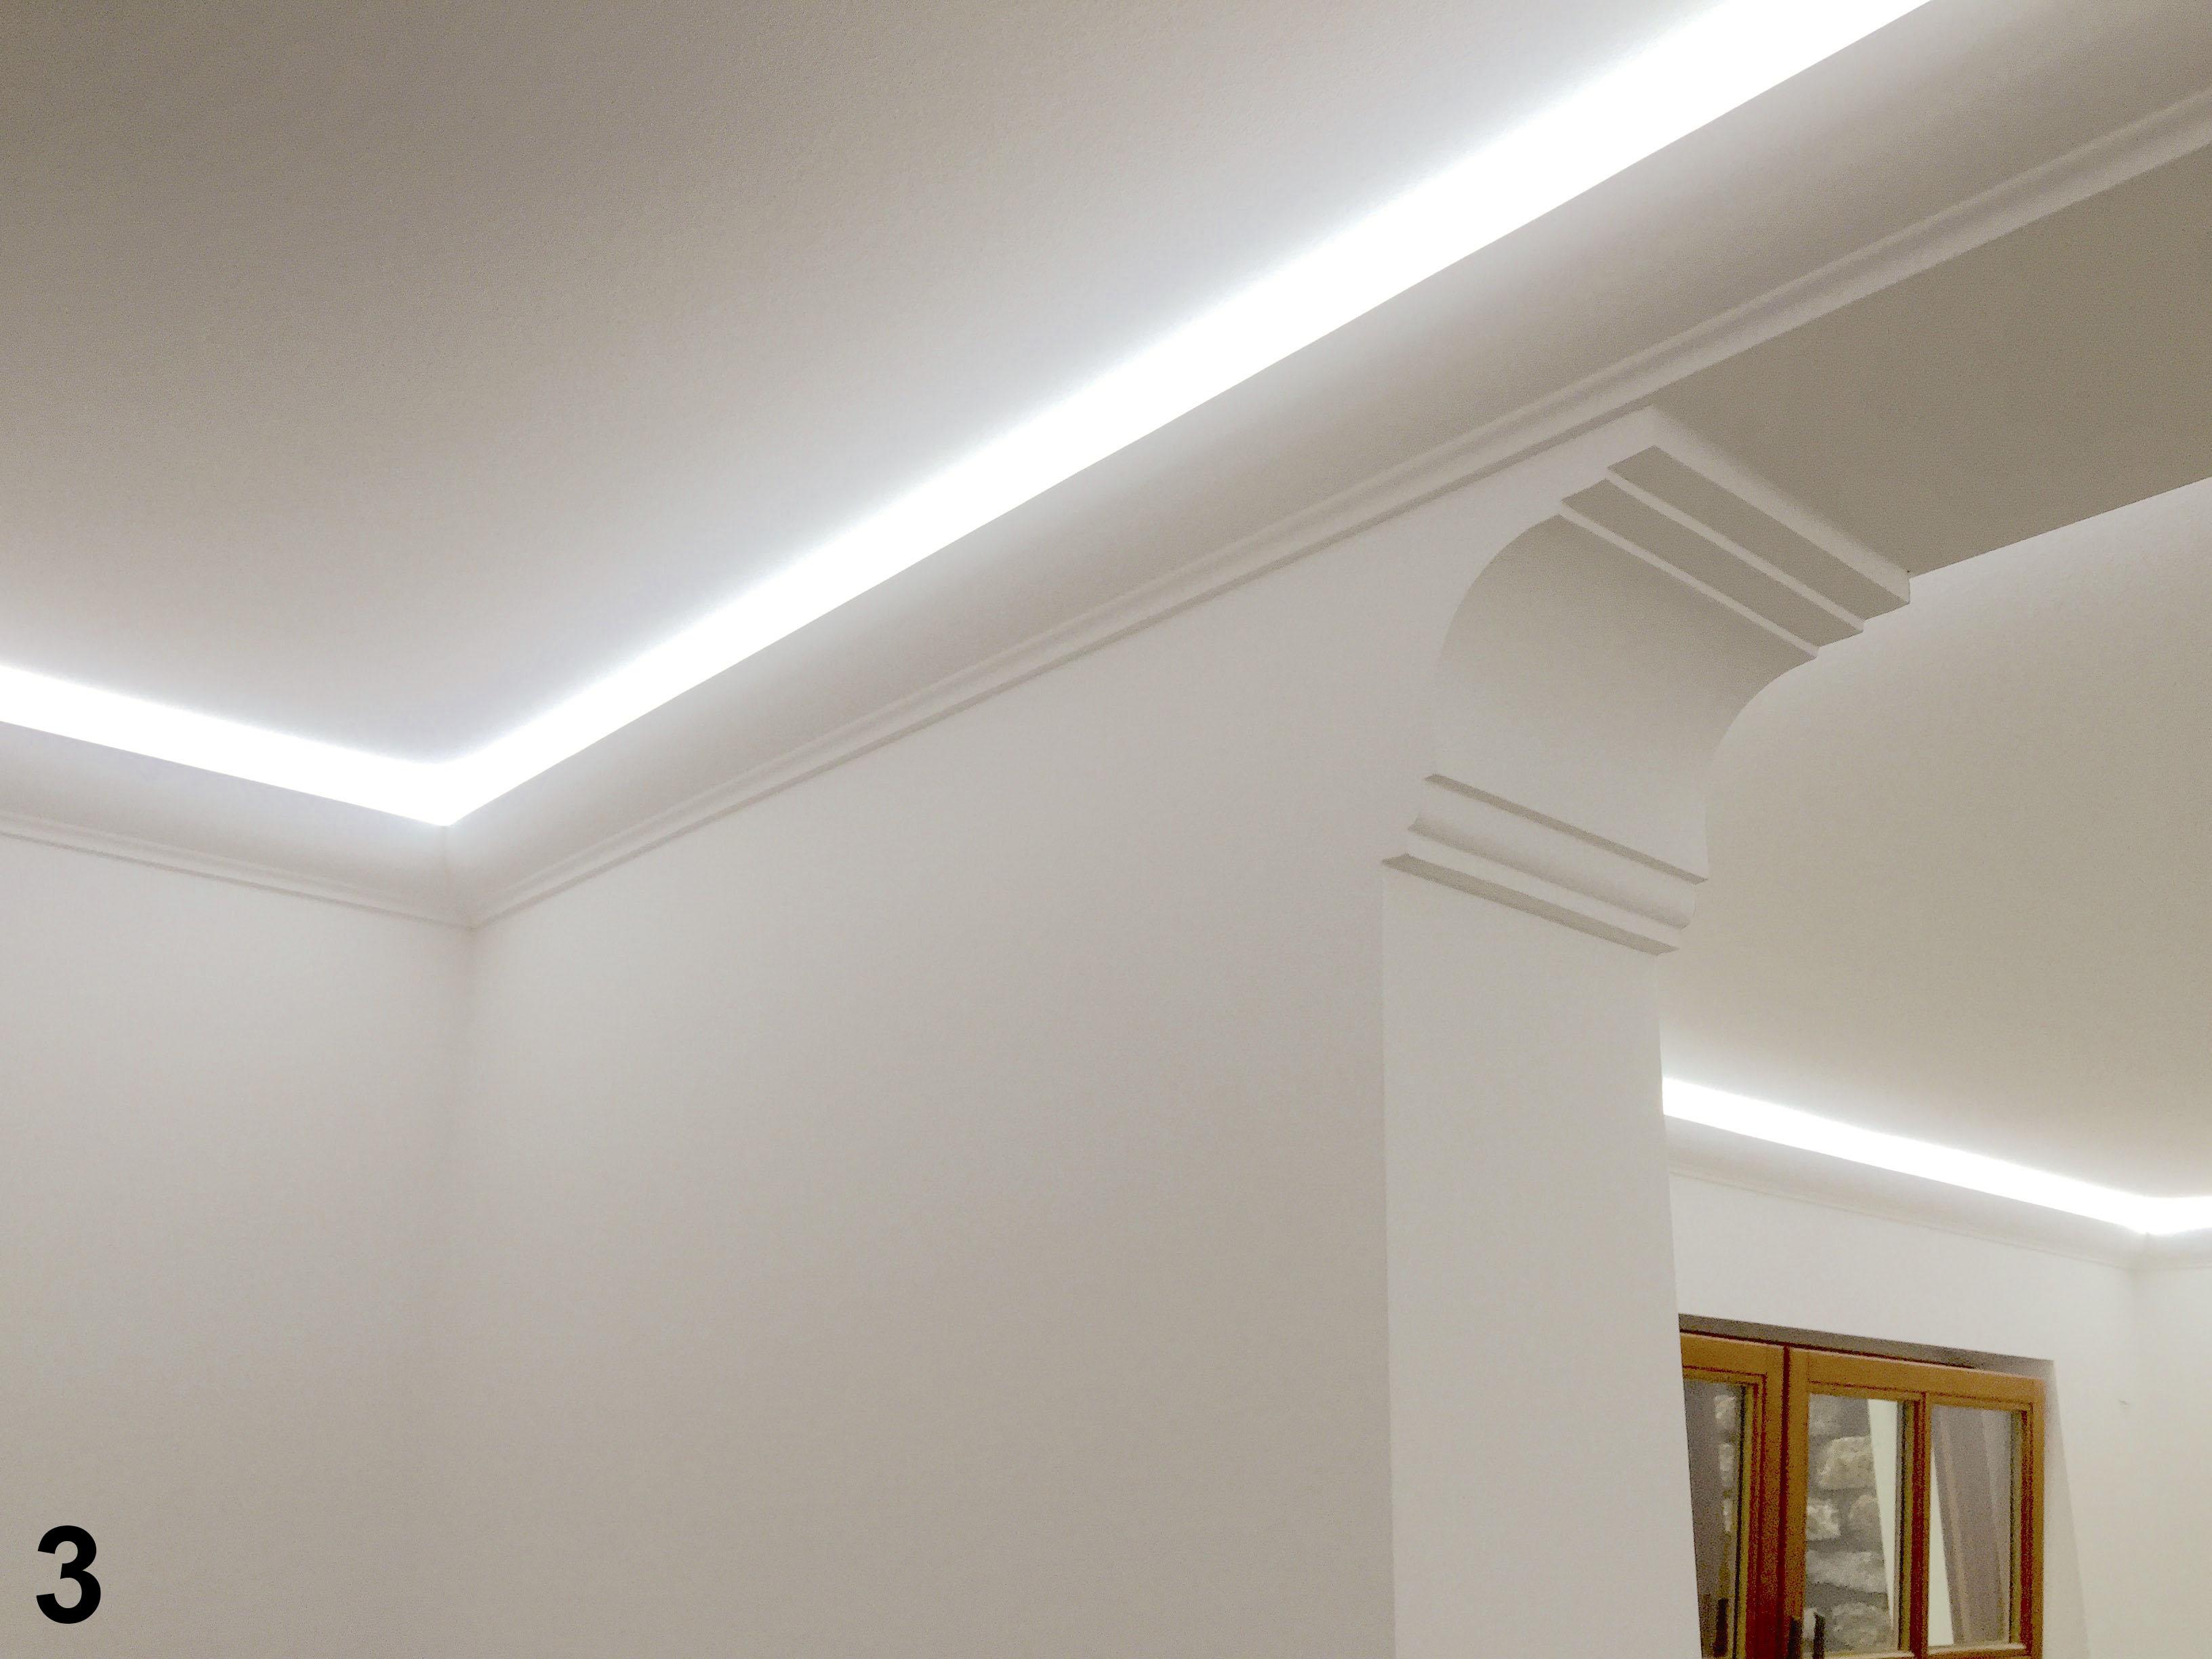 2 meter led profil pu stuckleiste indirekte beleuchtung sto fest 80x70 led 1 ebay. Black Bedroom Furniture Sets. Home Design Ideas